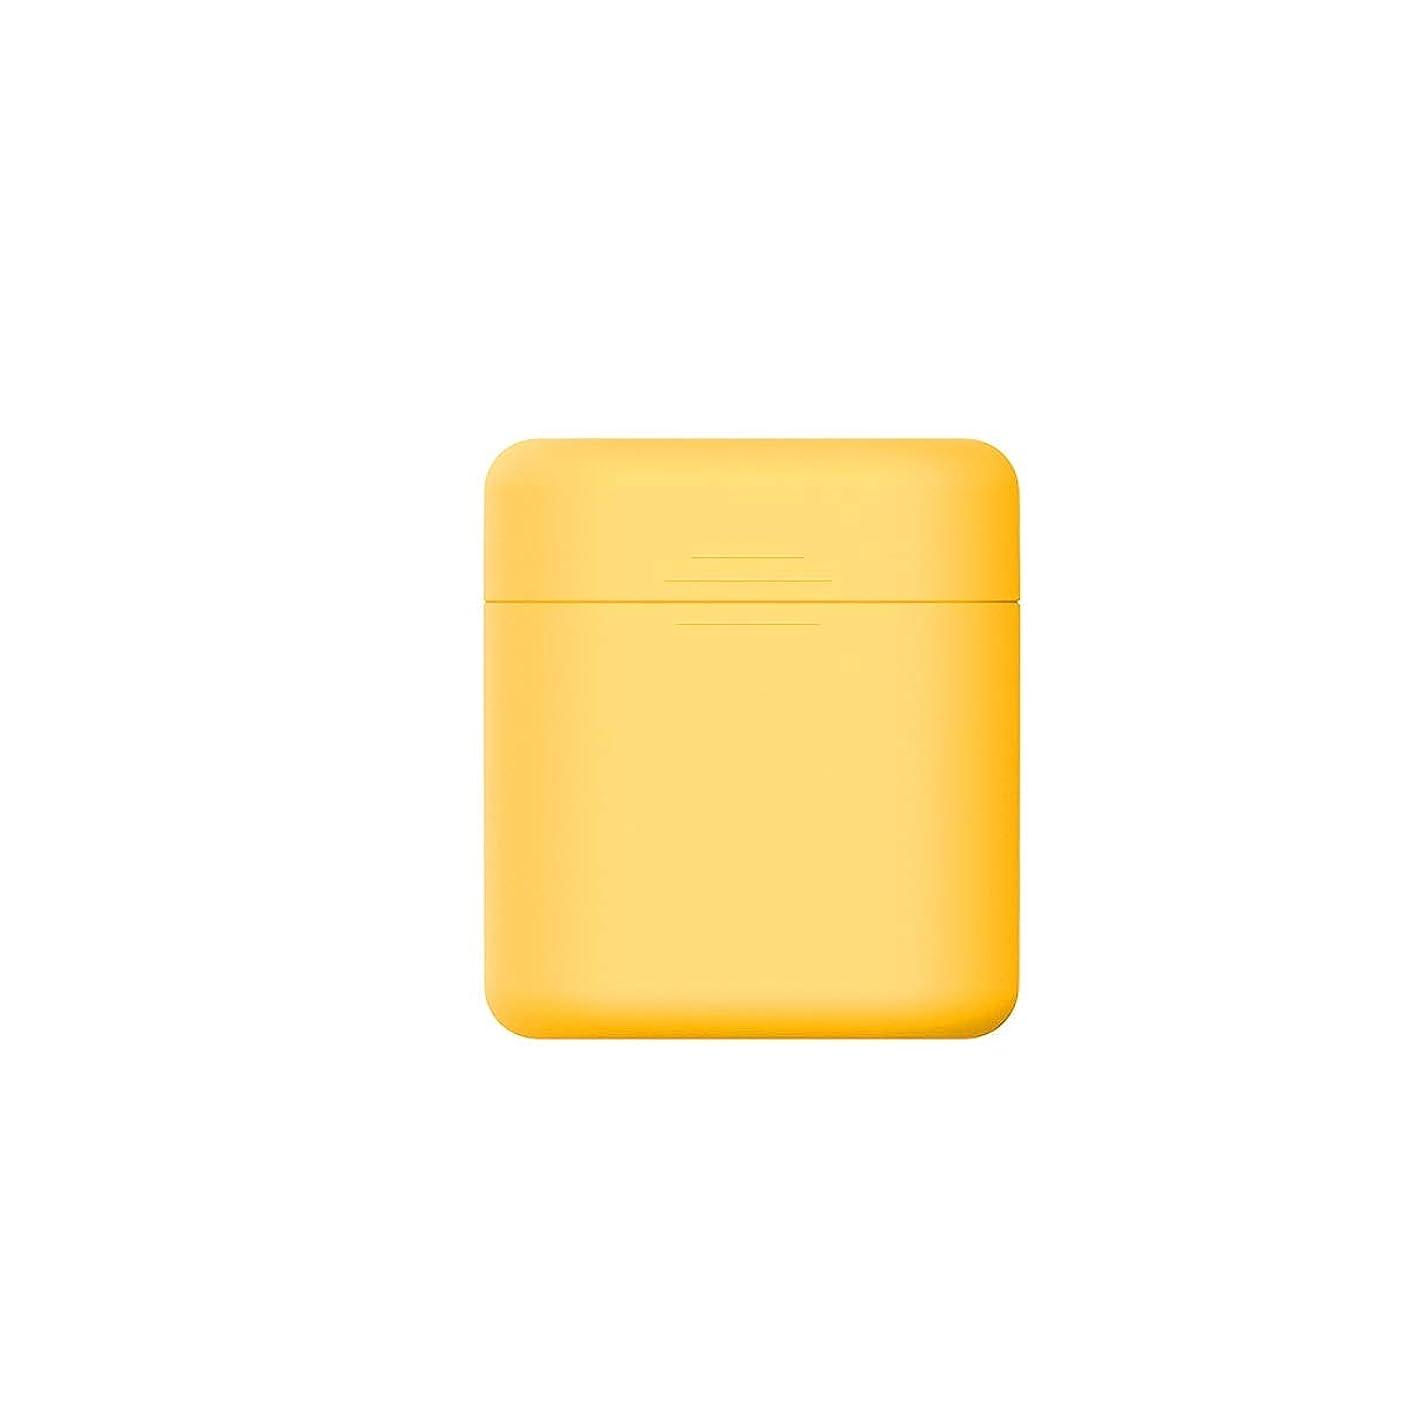 弾性殺人汚染されたHXSD Freebuds2プロ保護カバーFlypodsプロワイヤレスBluetoothヘッドセット保護カバー液体シリコーン超薄型オールインクルーシブソフトシェル 贈り物に適しています (Color : Yellow)